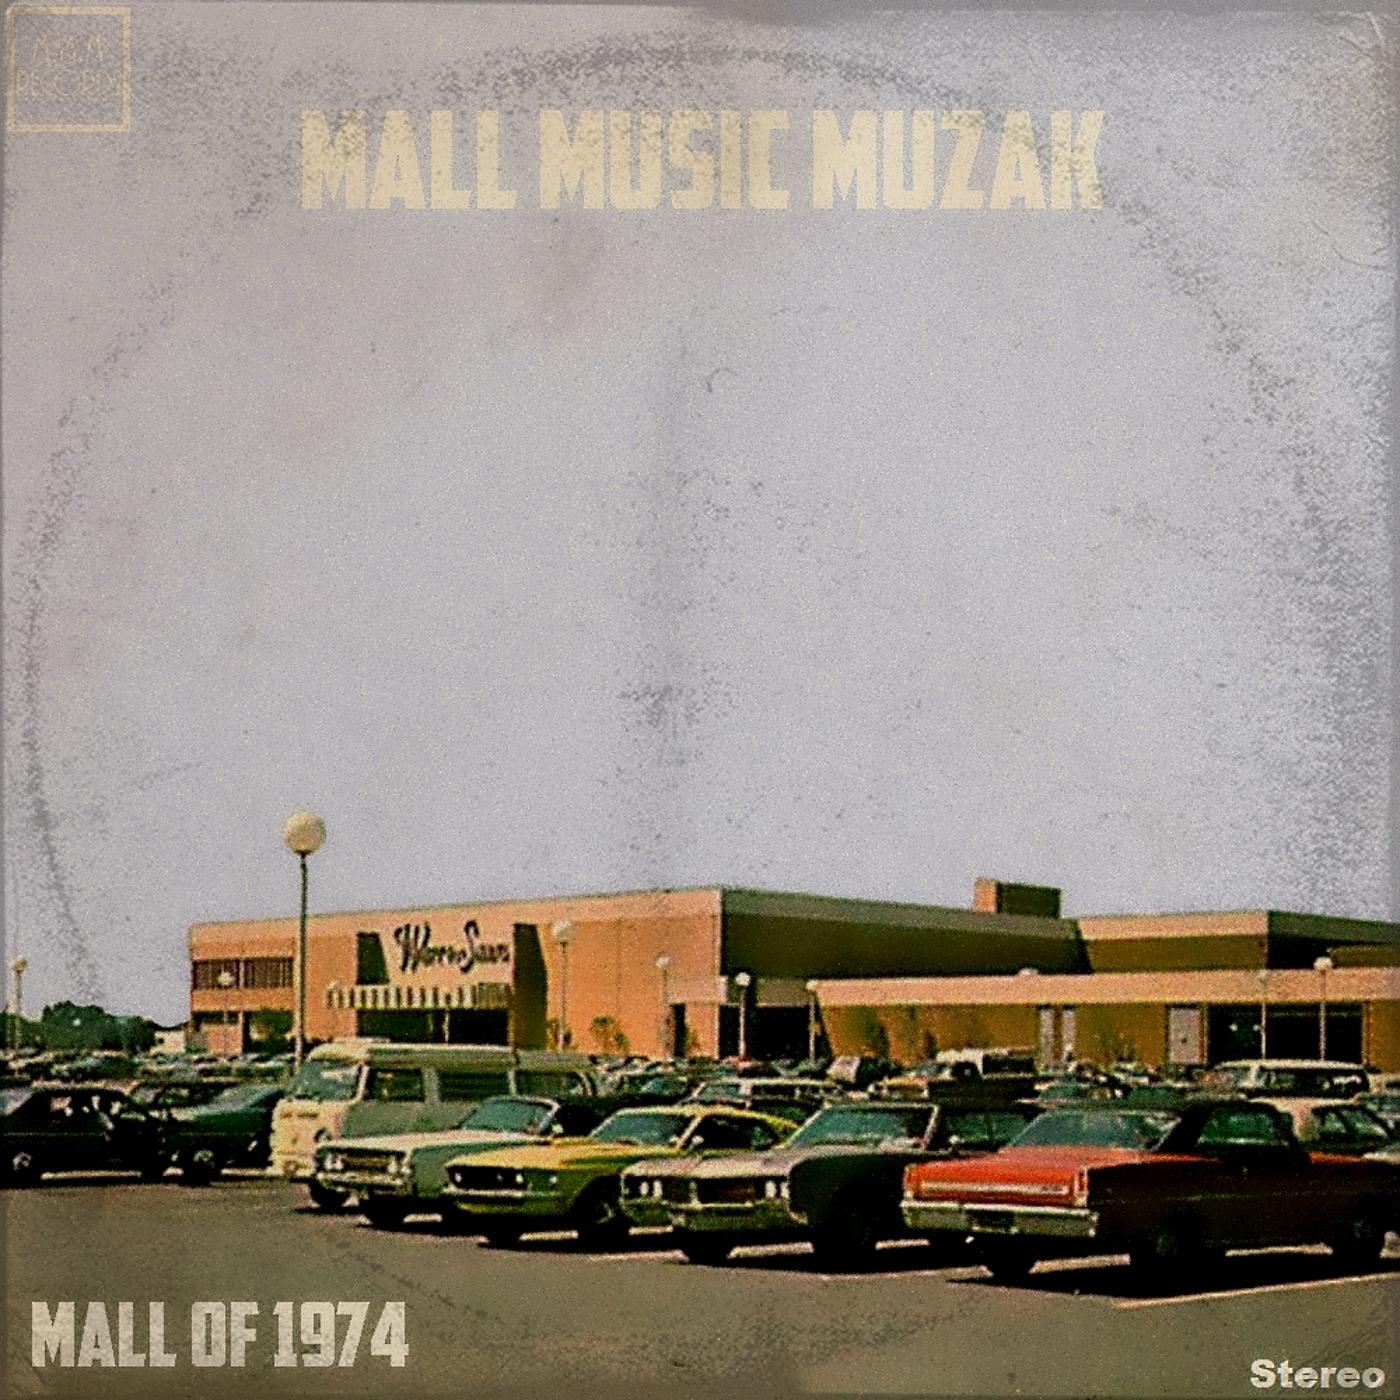 History's Dumpster: Mall Of 1974 by Mall Music Muzak